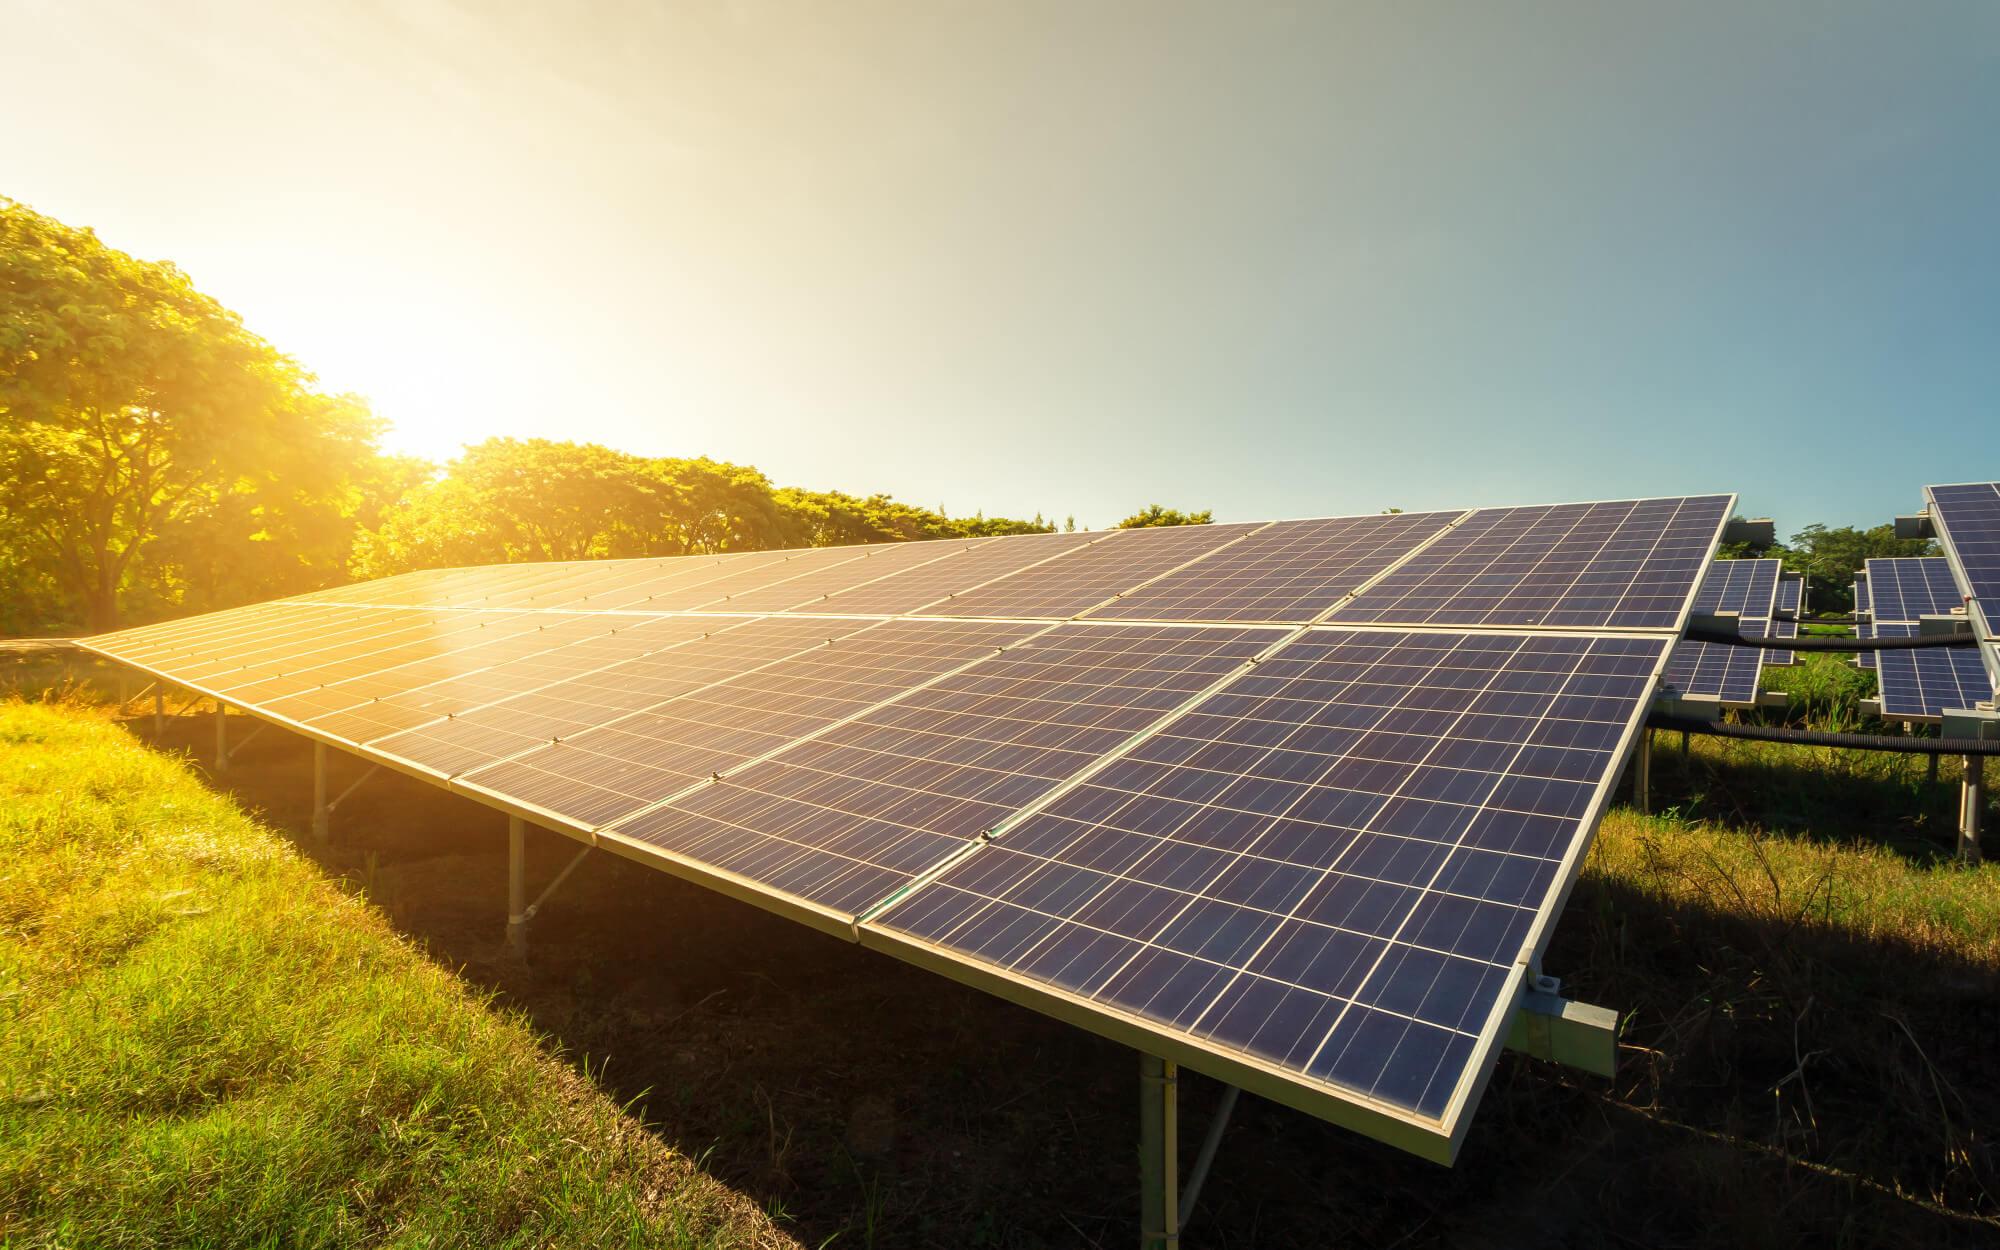 宁波计划在家庭屋顶推广太阳能光伏发电